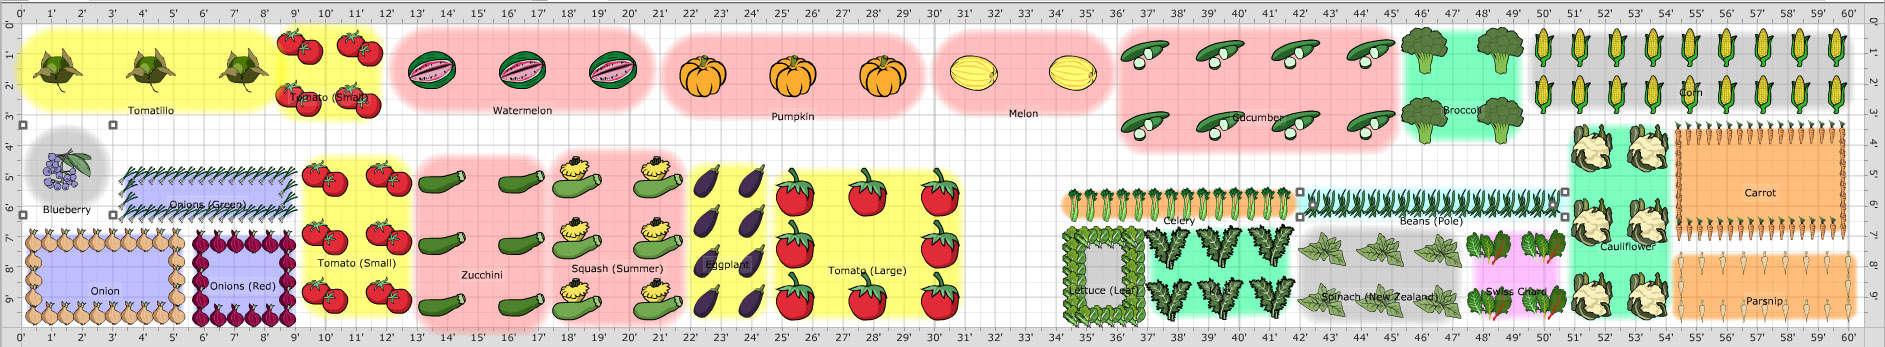 2016 garden plan